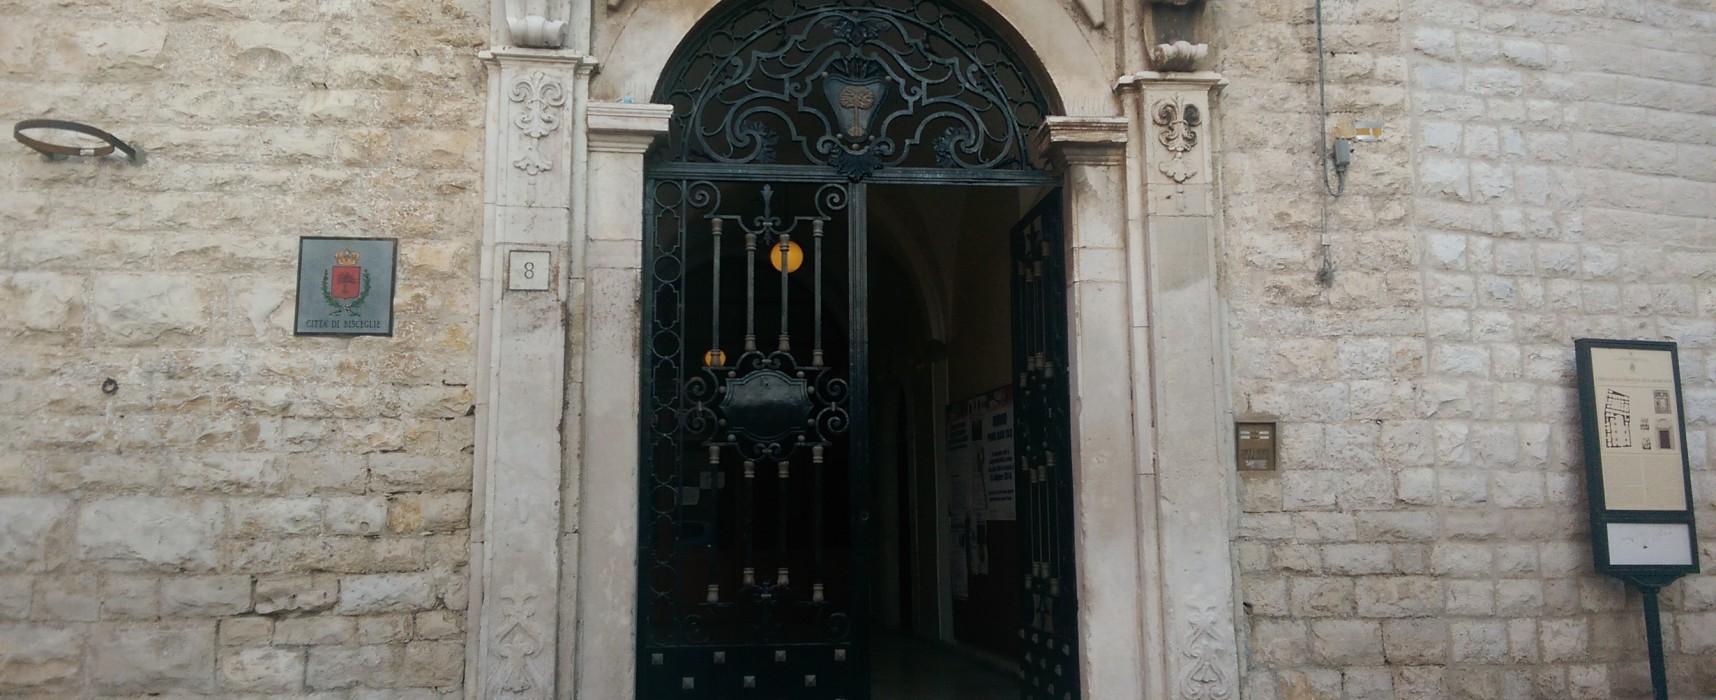 Masseria San Felice: il 6 luglio il processo, coinvolti due funzionari del Comune di Bisceglie